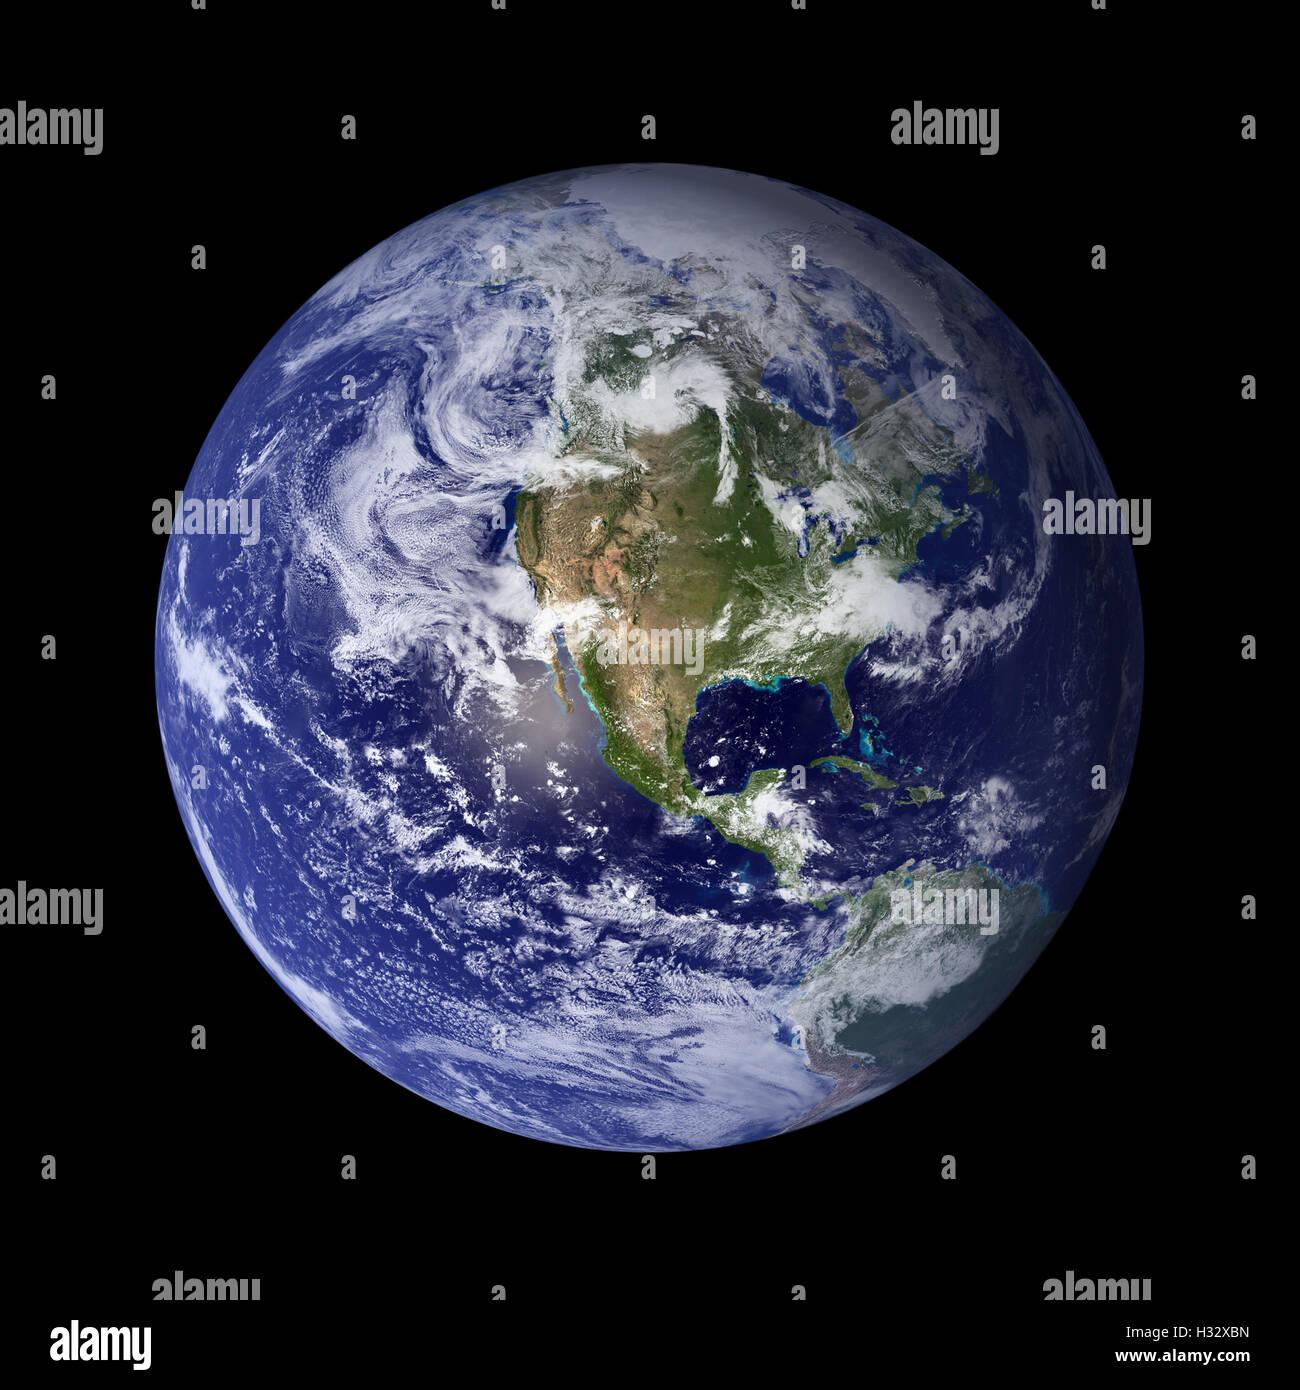 Sistema solare - Terra. Pianeta isolato su sfondo nero. Immagini Stock